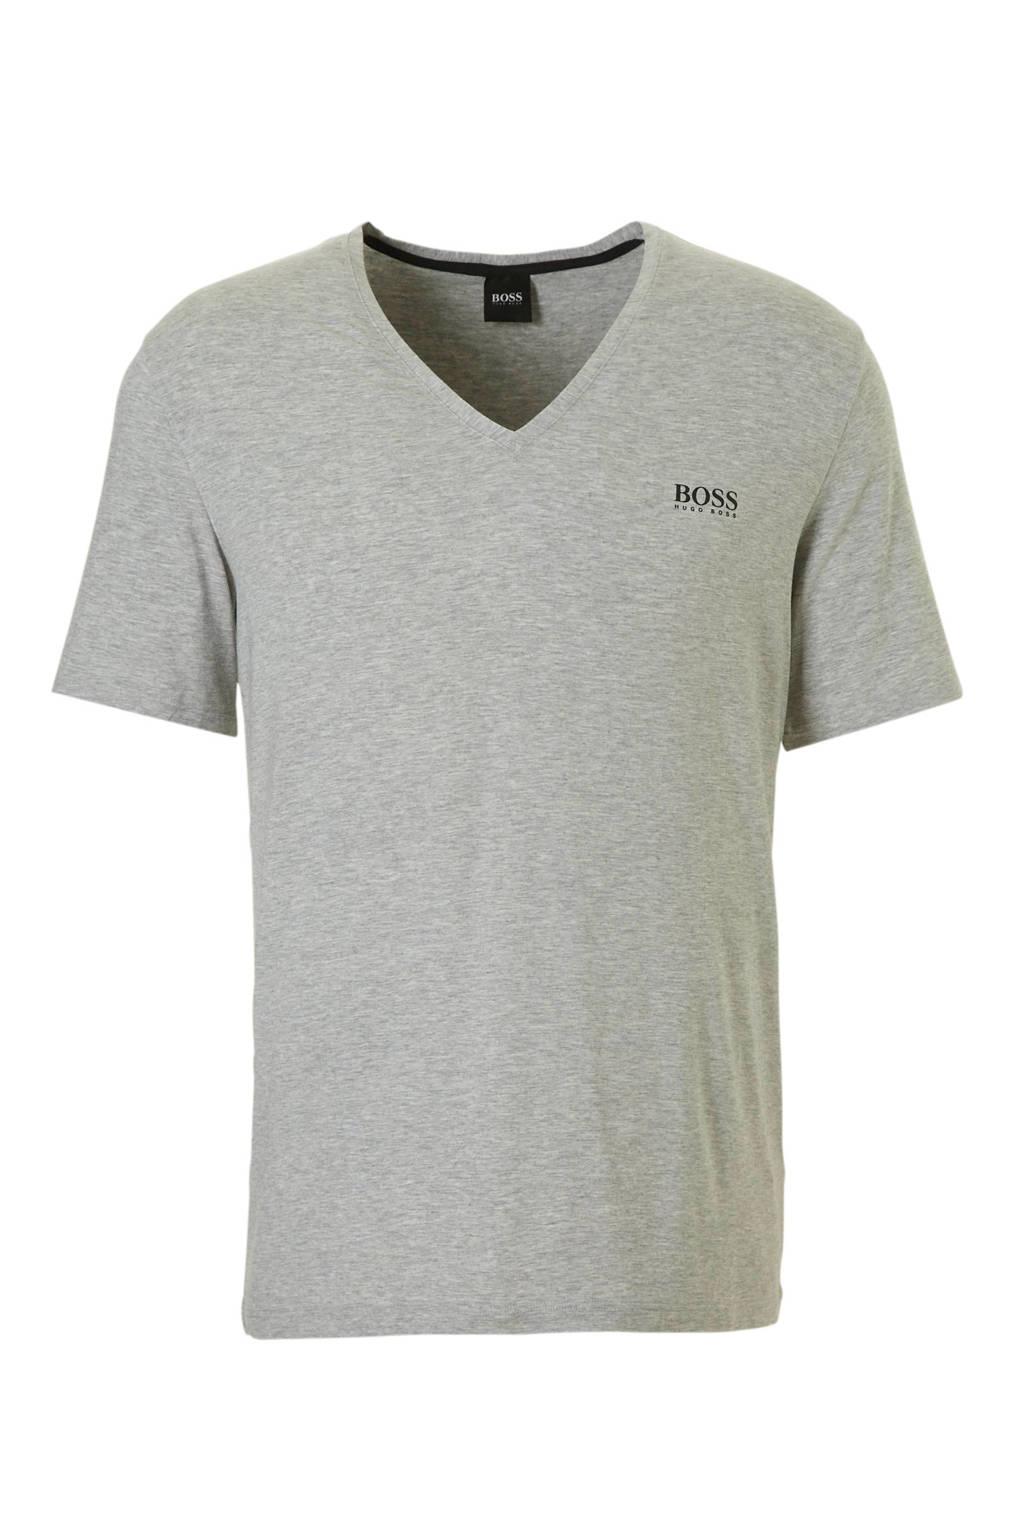 Boss T-shirt met V-hals grijs mêlee, grijs mêlee